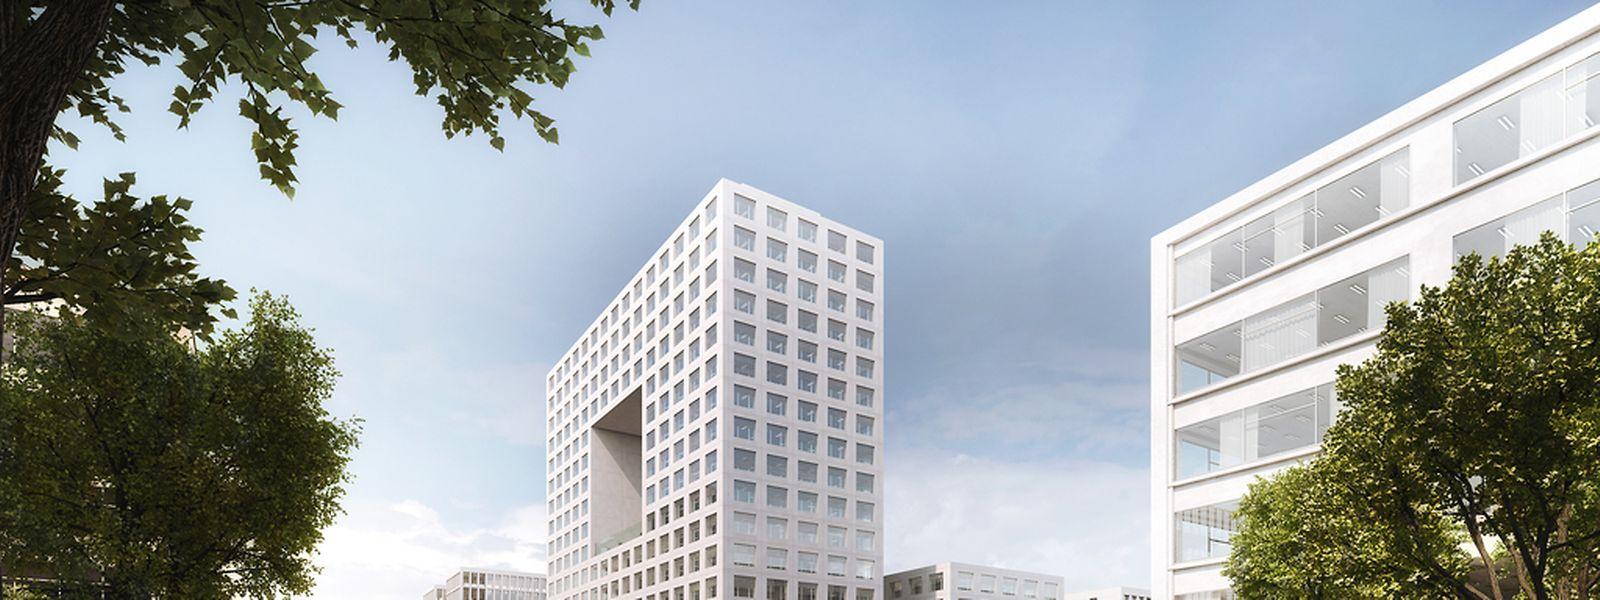 Le futur siège de Deloitte se trouvera intégré dans un futur ensemble immobilier sur le ban de Gasperich, boulevard Raiffeisen.